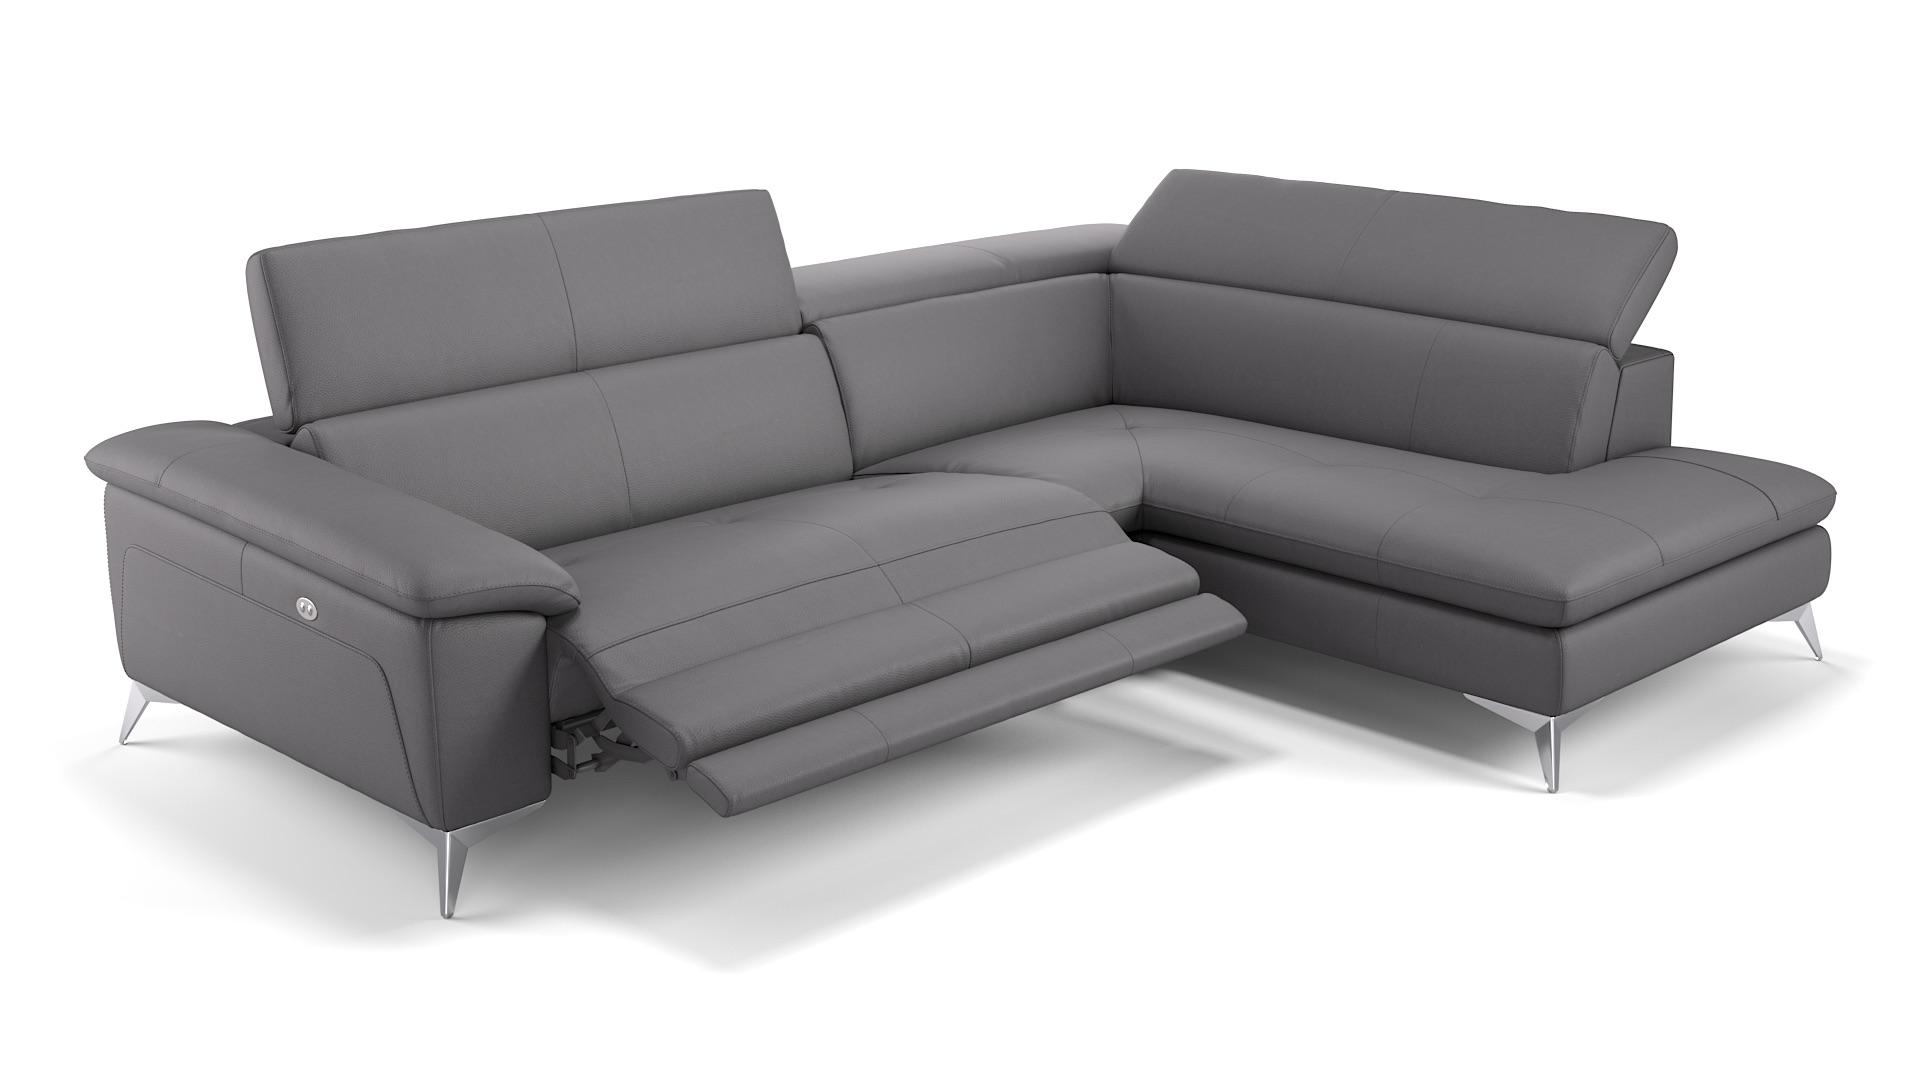 Full Size of Eck Sofa Stella Echtleder Ecksofa Design Couch In Leder Sofanella Garten Petrol Beziehen Reinigen Rahaus Karup Türkische Schlaffunktion Deckenleuchte Sofa Eck Sofa